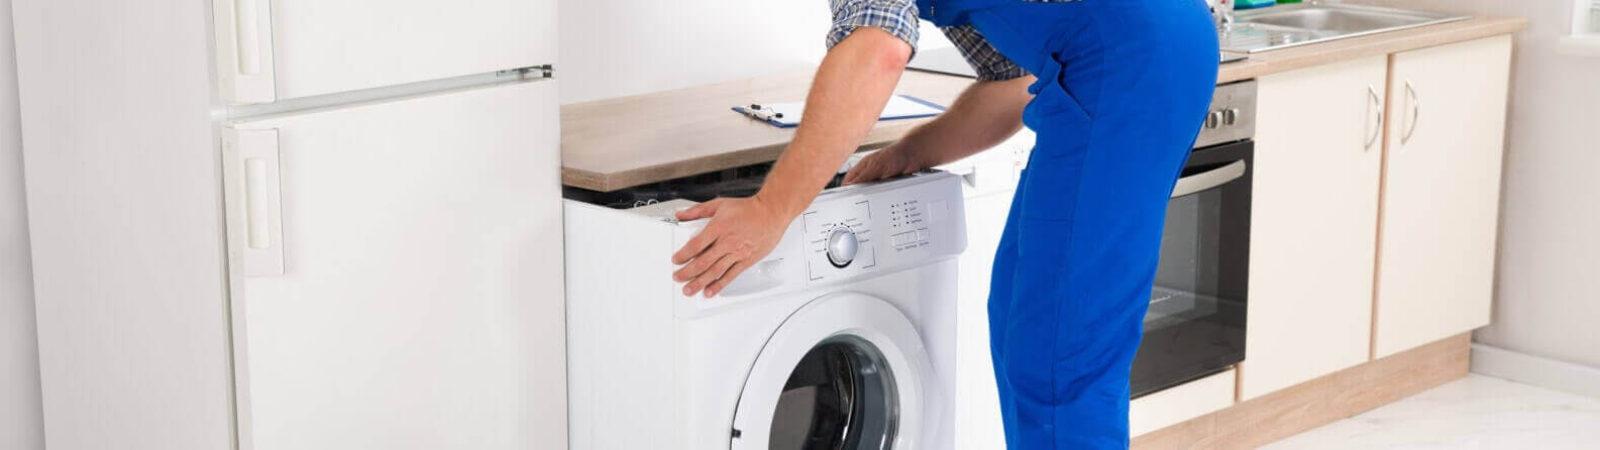 Підключення пральної машини: як зробити це правильно